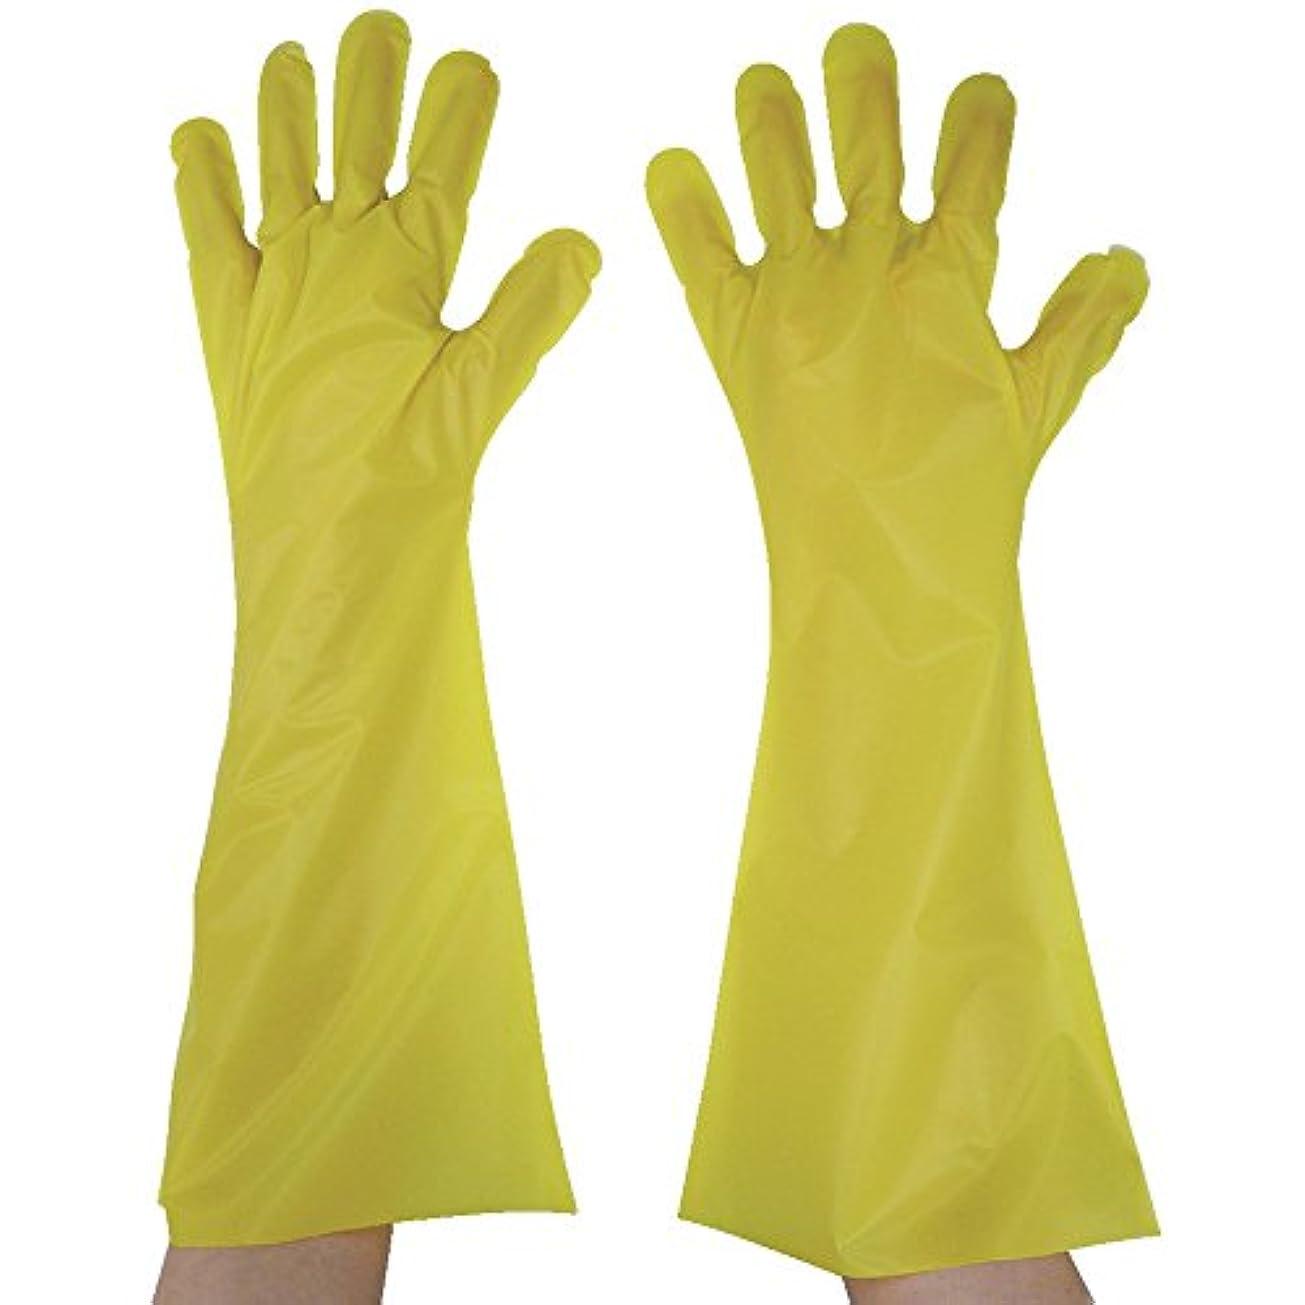 アカデミックハイブリッドアソシエイト東京パック エンボス手袋ロング五本絞り イエロー L YL45L ポリエチレン使い捨て手袋